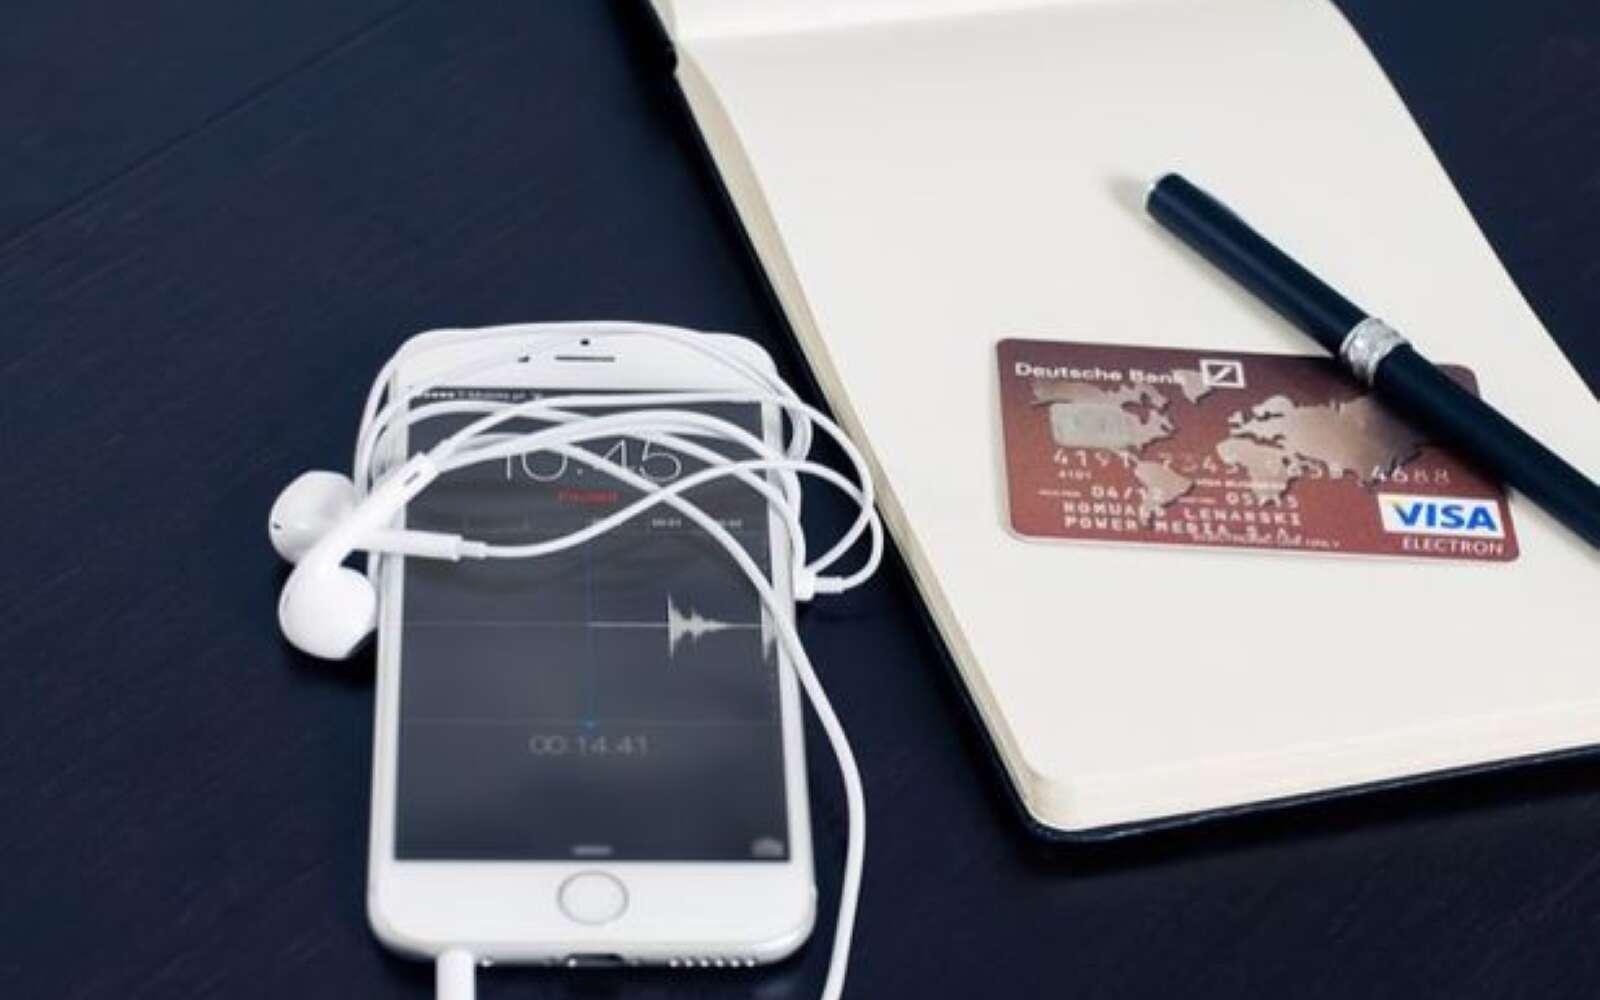 Utiliser l'Apple Pay avec une carte Visa peut potentiellement permettre à des pirates de réaliser des paiements sans contact et sans limite. © Université de Birmingham